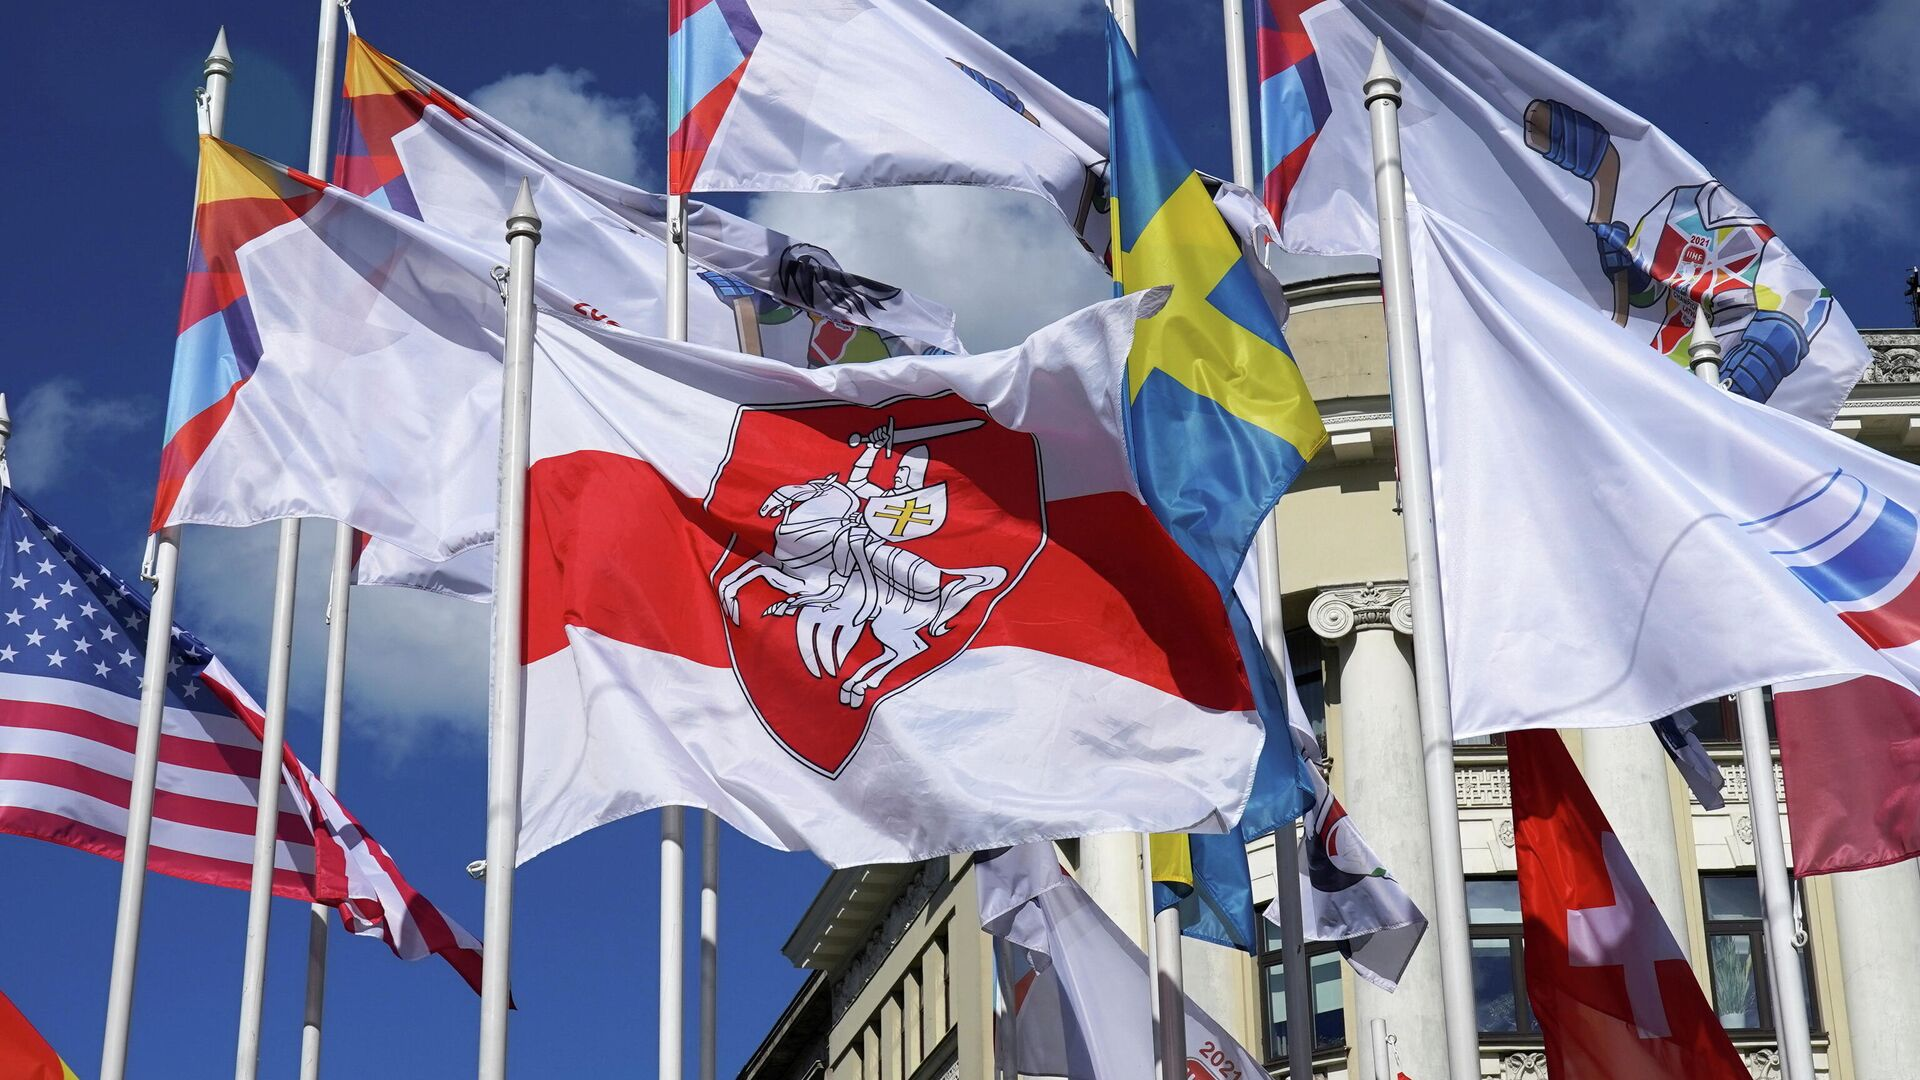 Eishockey-WM: Rigaer Stadeverwaltung ersetzt die offizielle Flage von Belarus durch die Flagge der weißrussischen Opposition - SNA, 1920, 25.05.2021